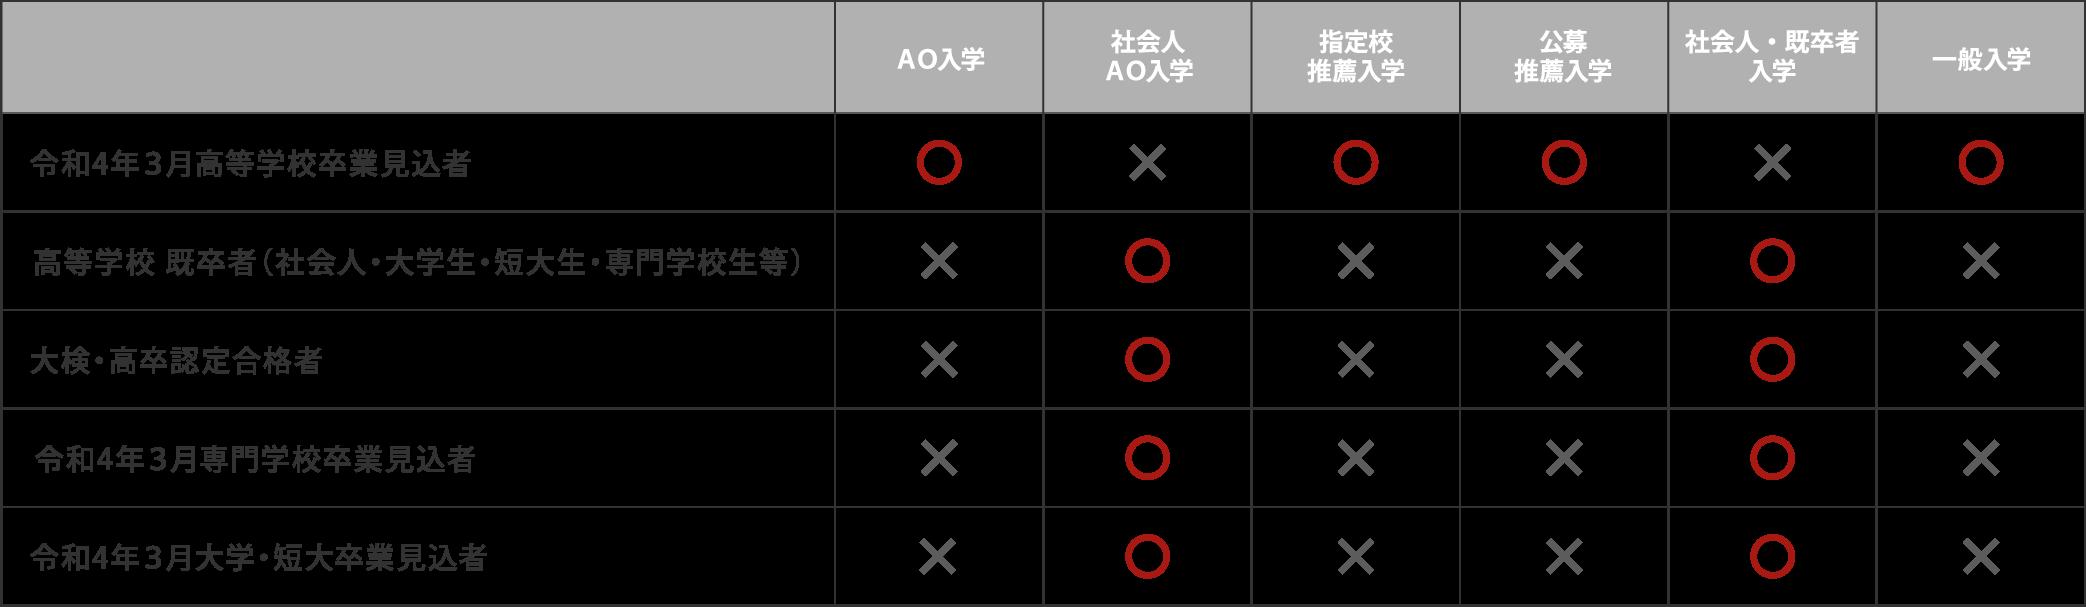 入試の種類と受験資格